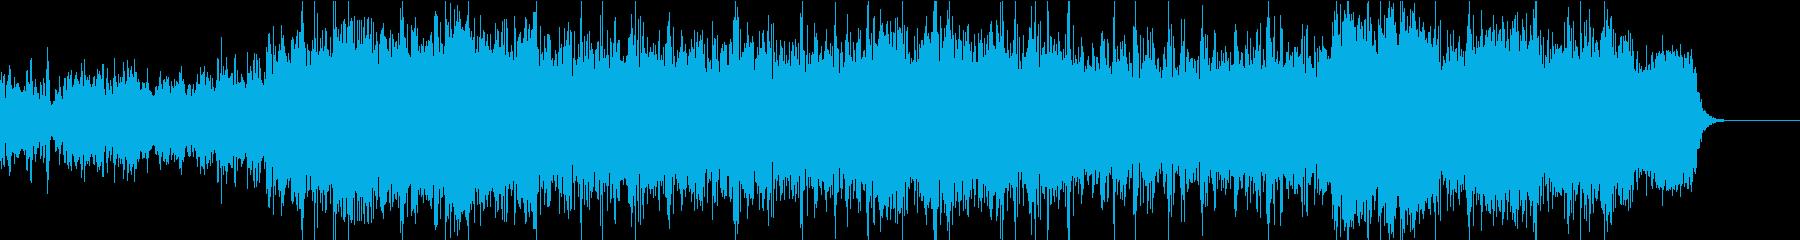 緊迫シーン オーケストラとクワイヤの再生済みの波形